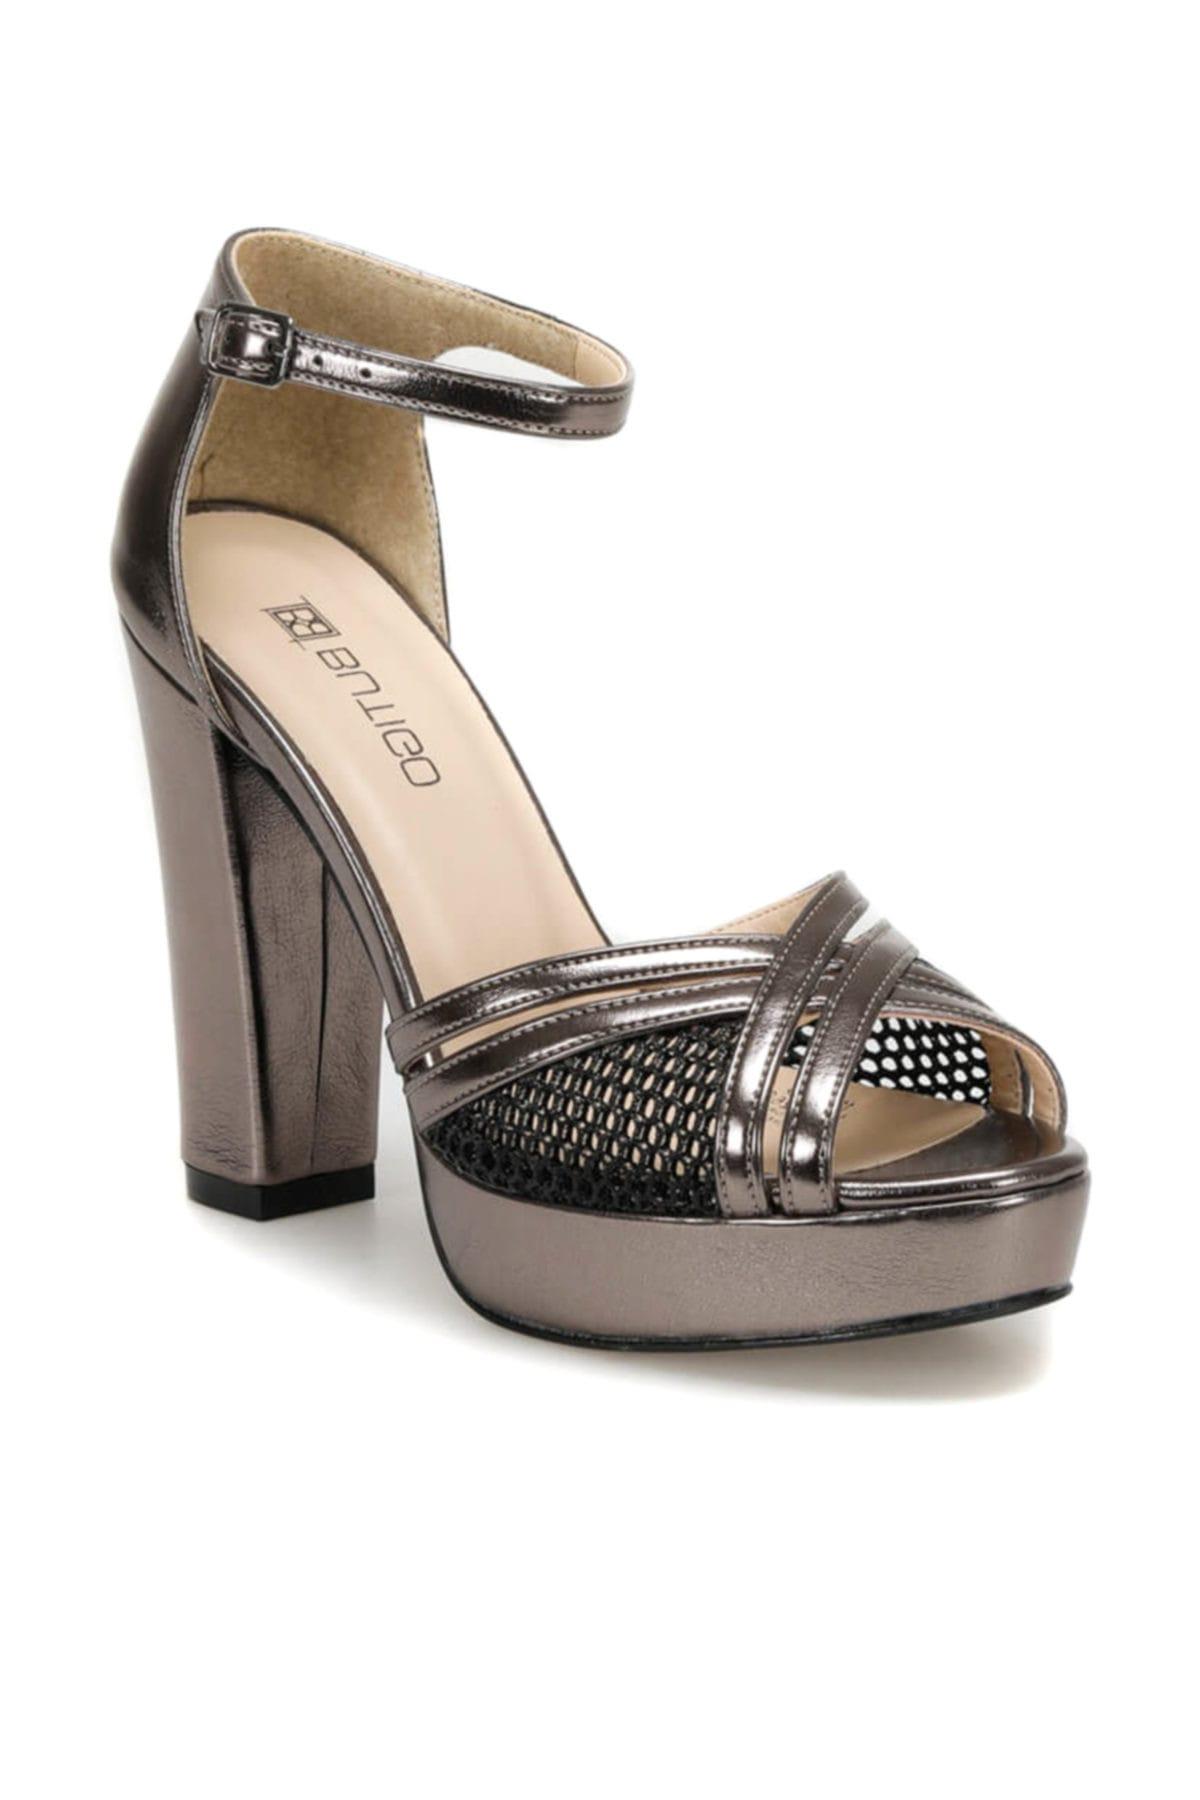 Butigo 19s-368 Antrasit Kadın Topuklu Ayakkabı 100371268 1